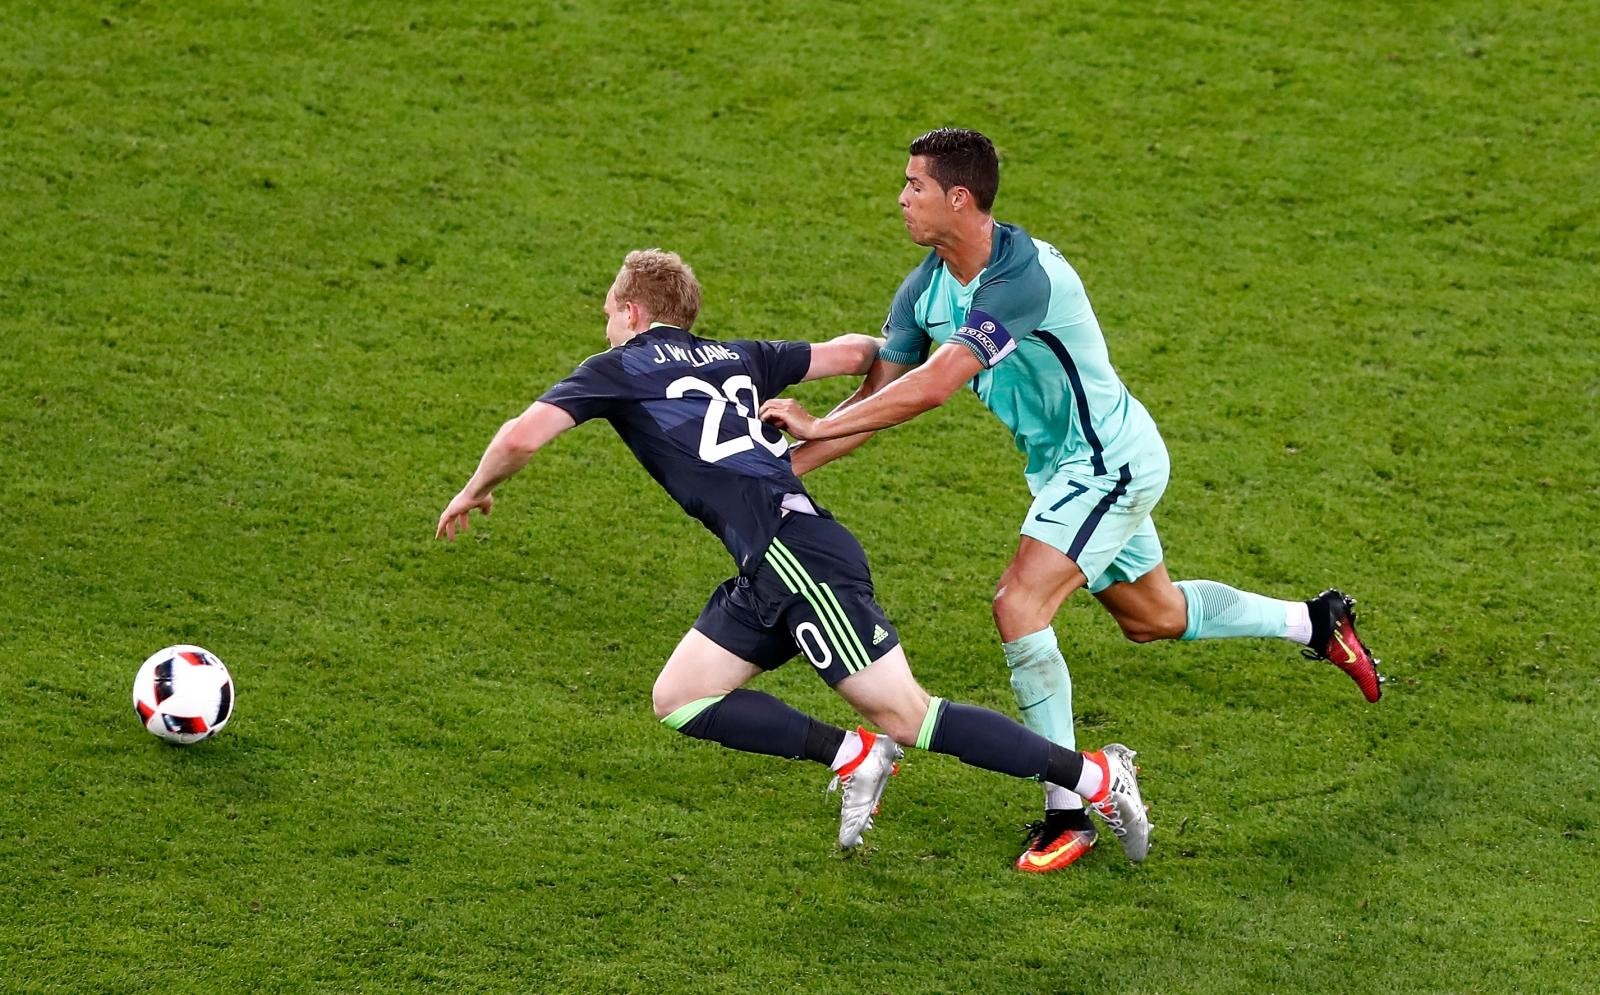 Ronaldo brings down Williams